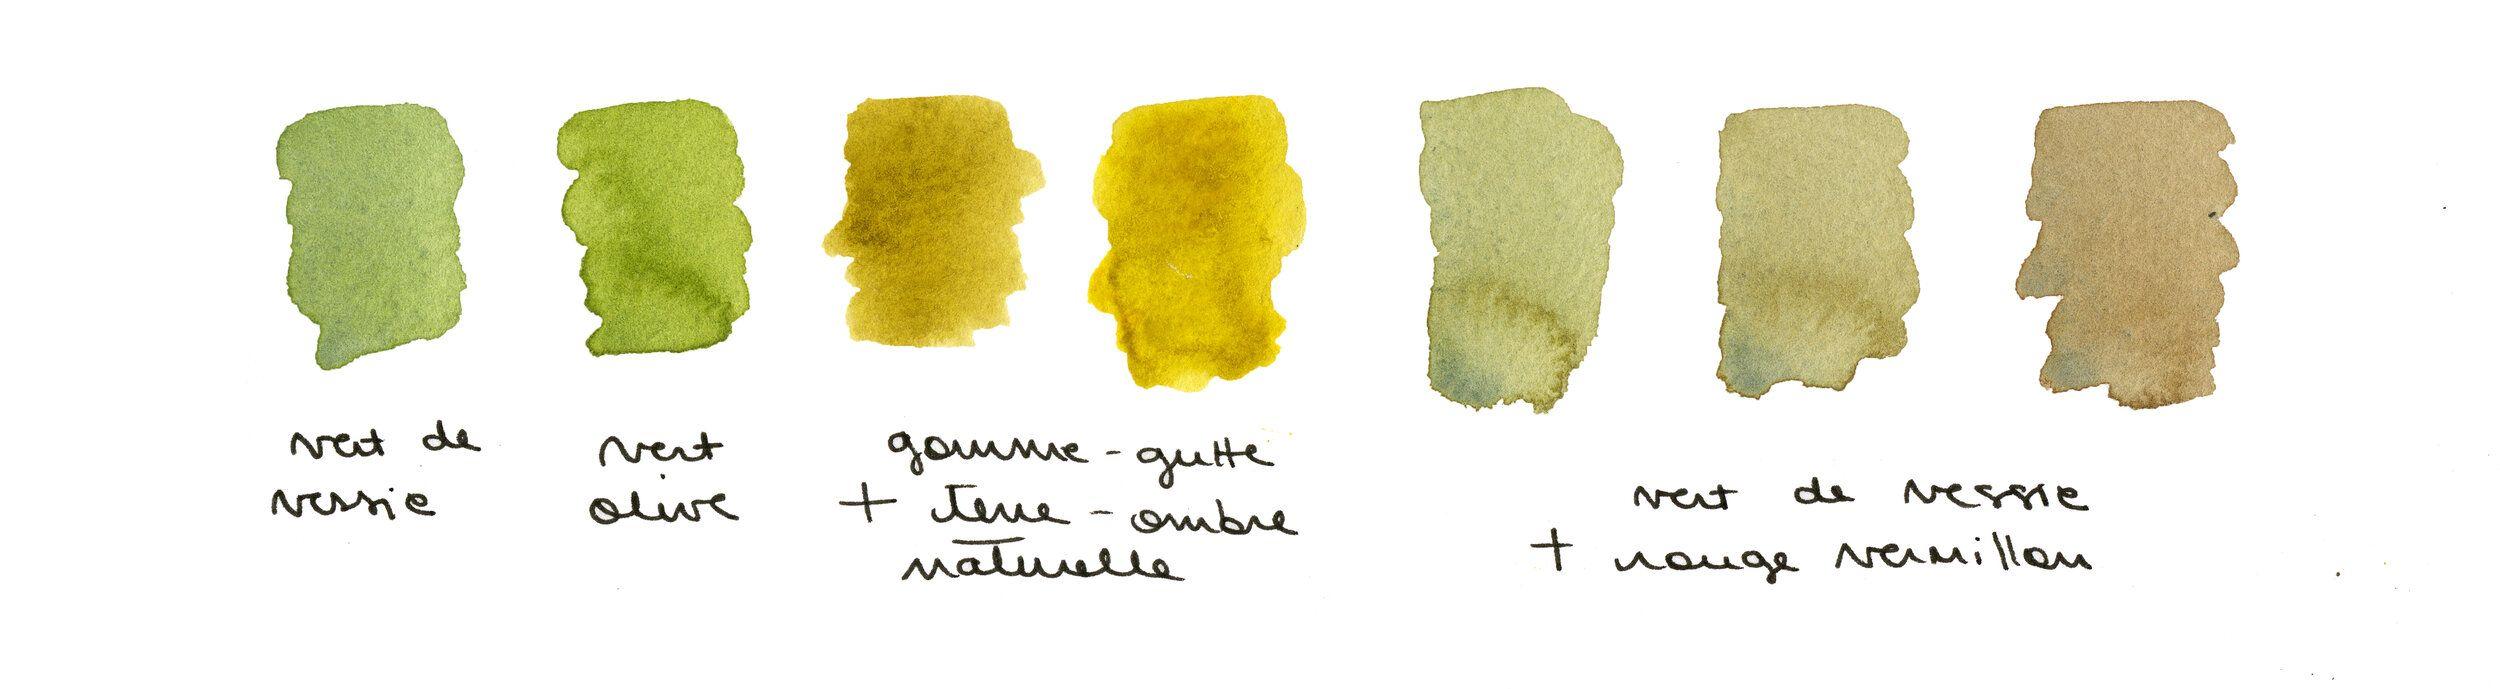 Palette De Couleurs Automnales Inspiree Par La Foret Aquarelle